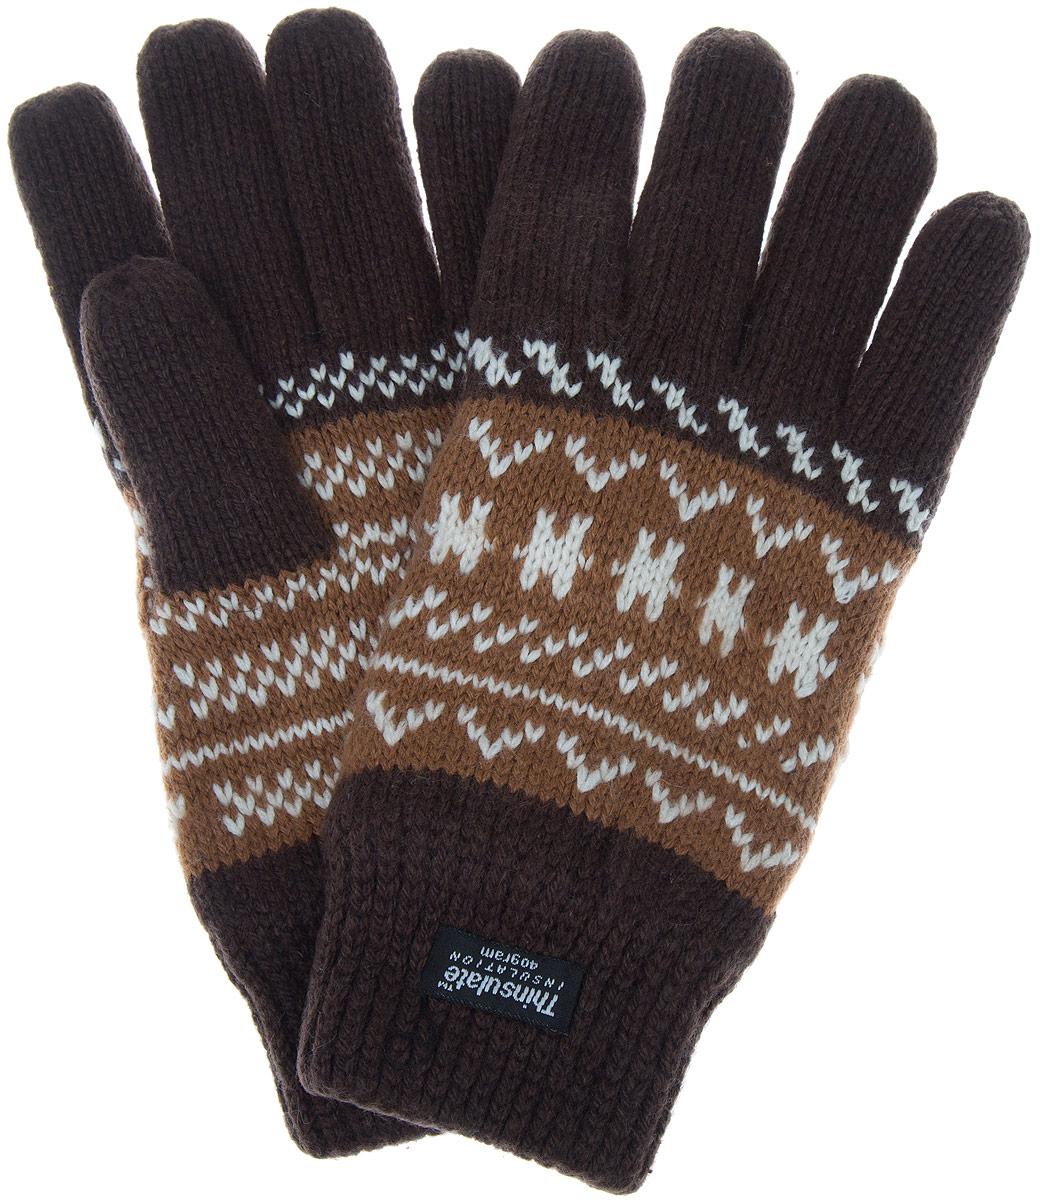 M8Теплые мужские перчатки Modo надежно защитят ваши руки от холода! Перчатки выполнены из шерсти и акрила с подкладкой из мягкого флиса. Такие перчатки станут отличным дополнением к вашему зимнему гардеробу!